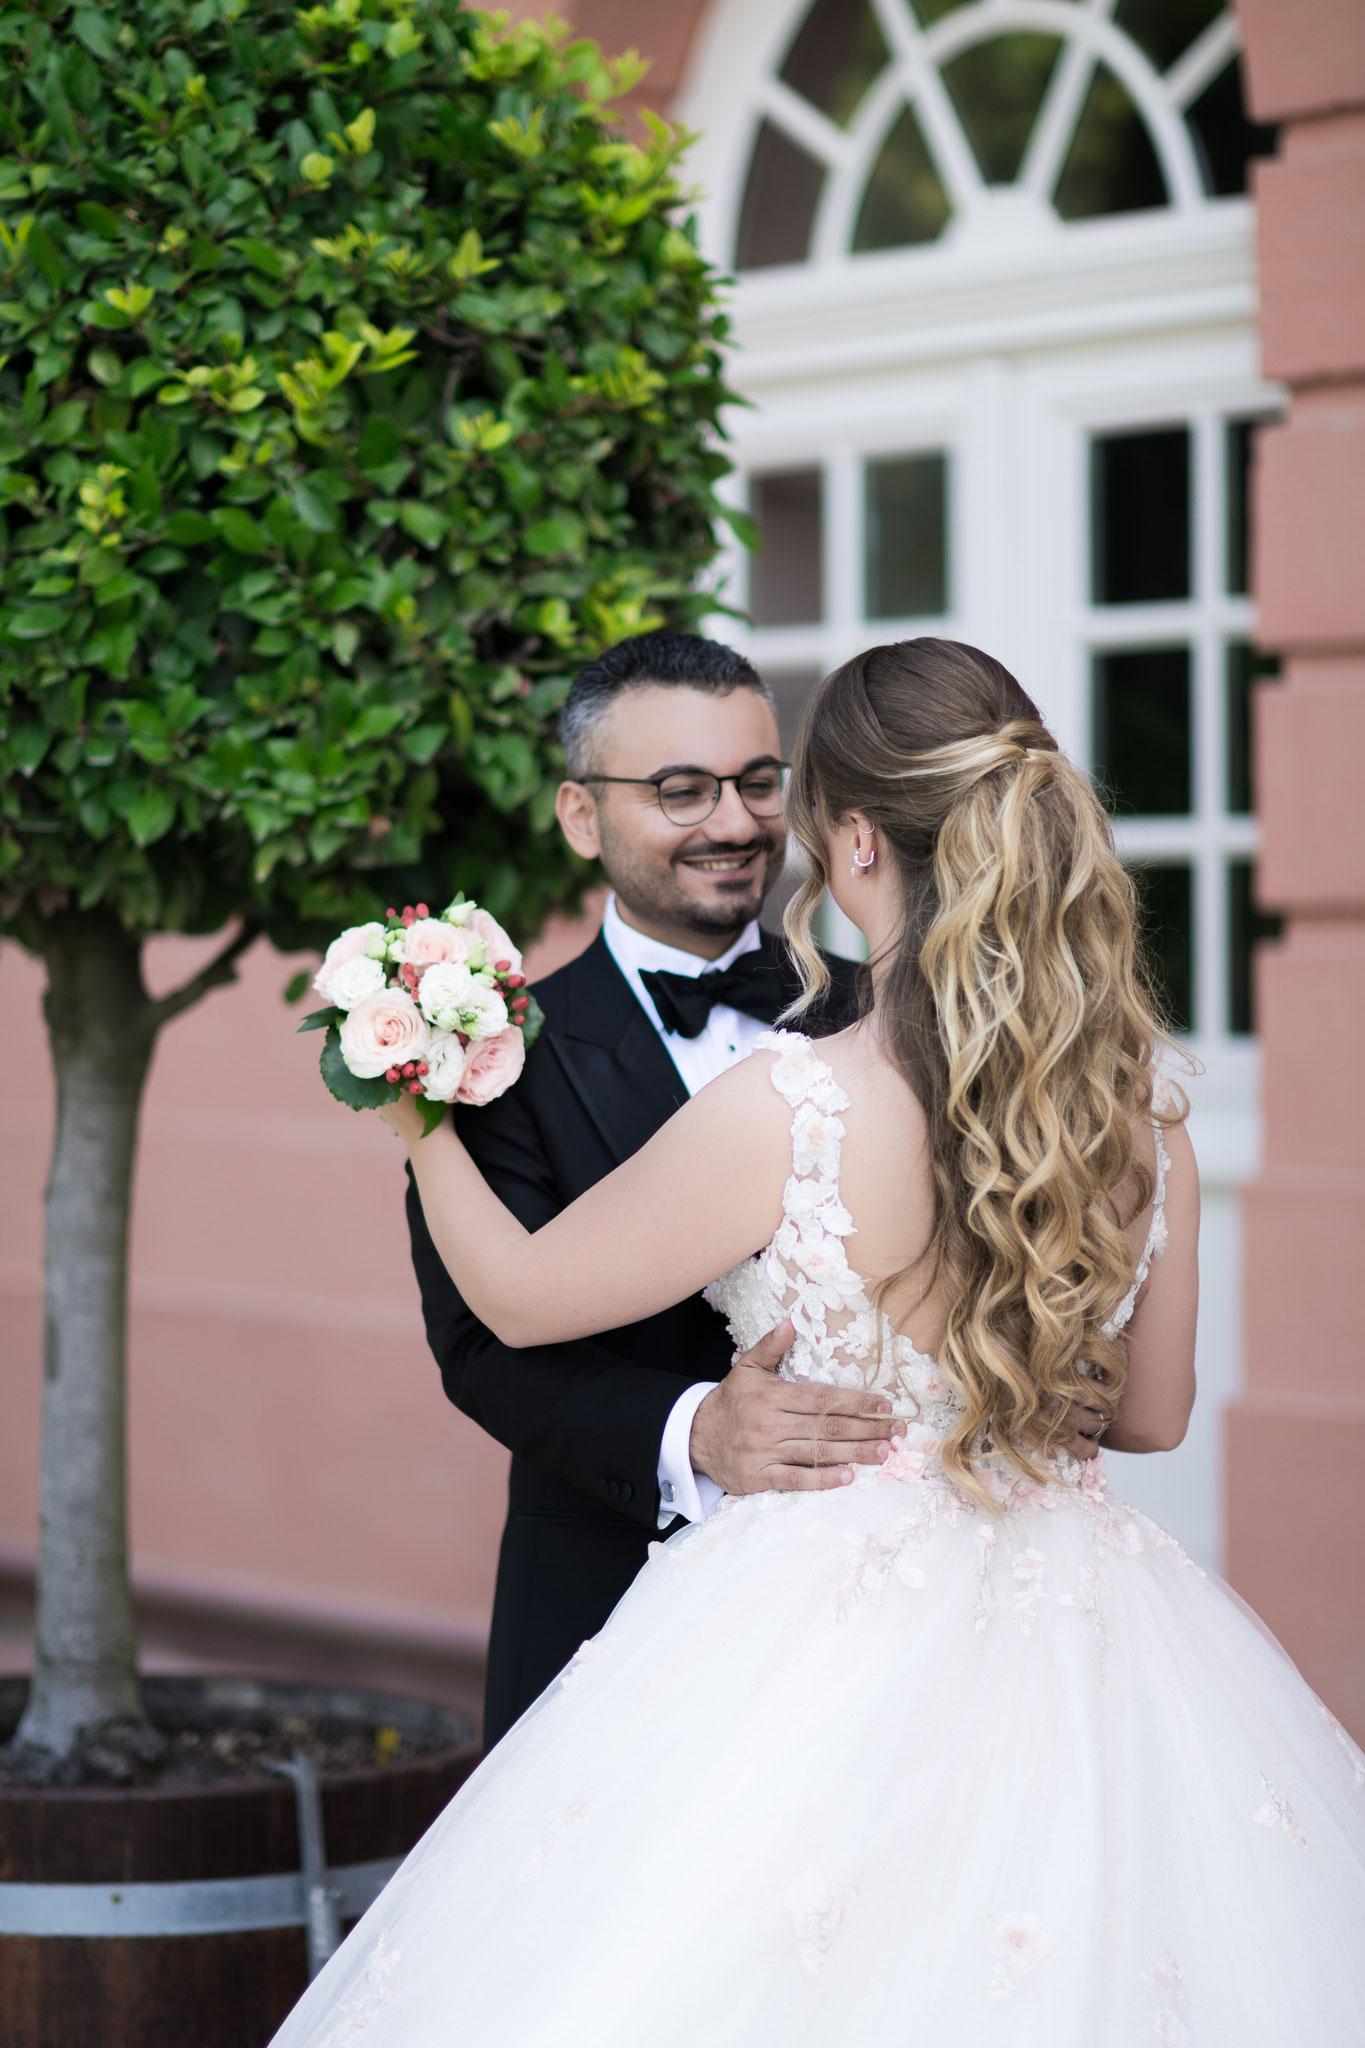 Romantische Hochzeitsfotos vom professionellen Fotografen